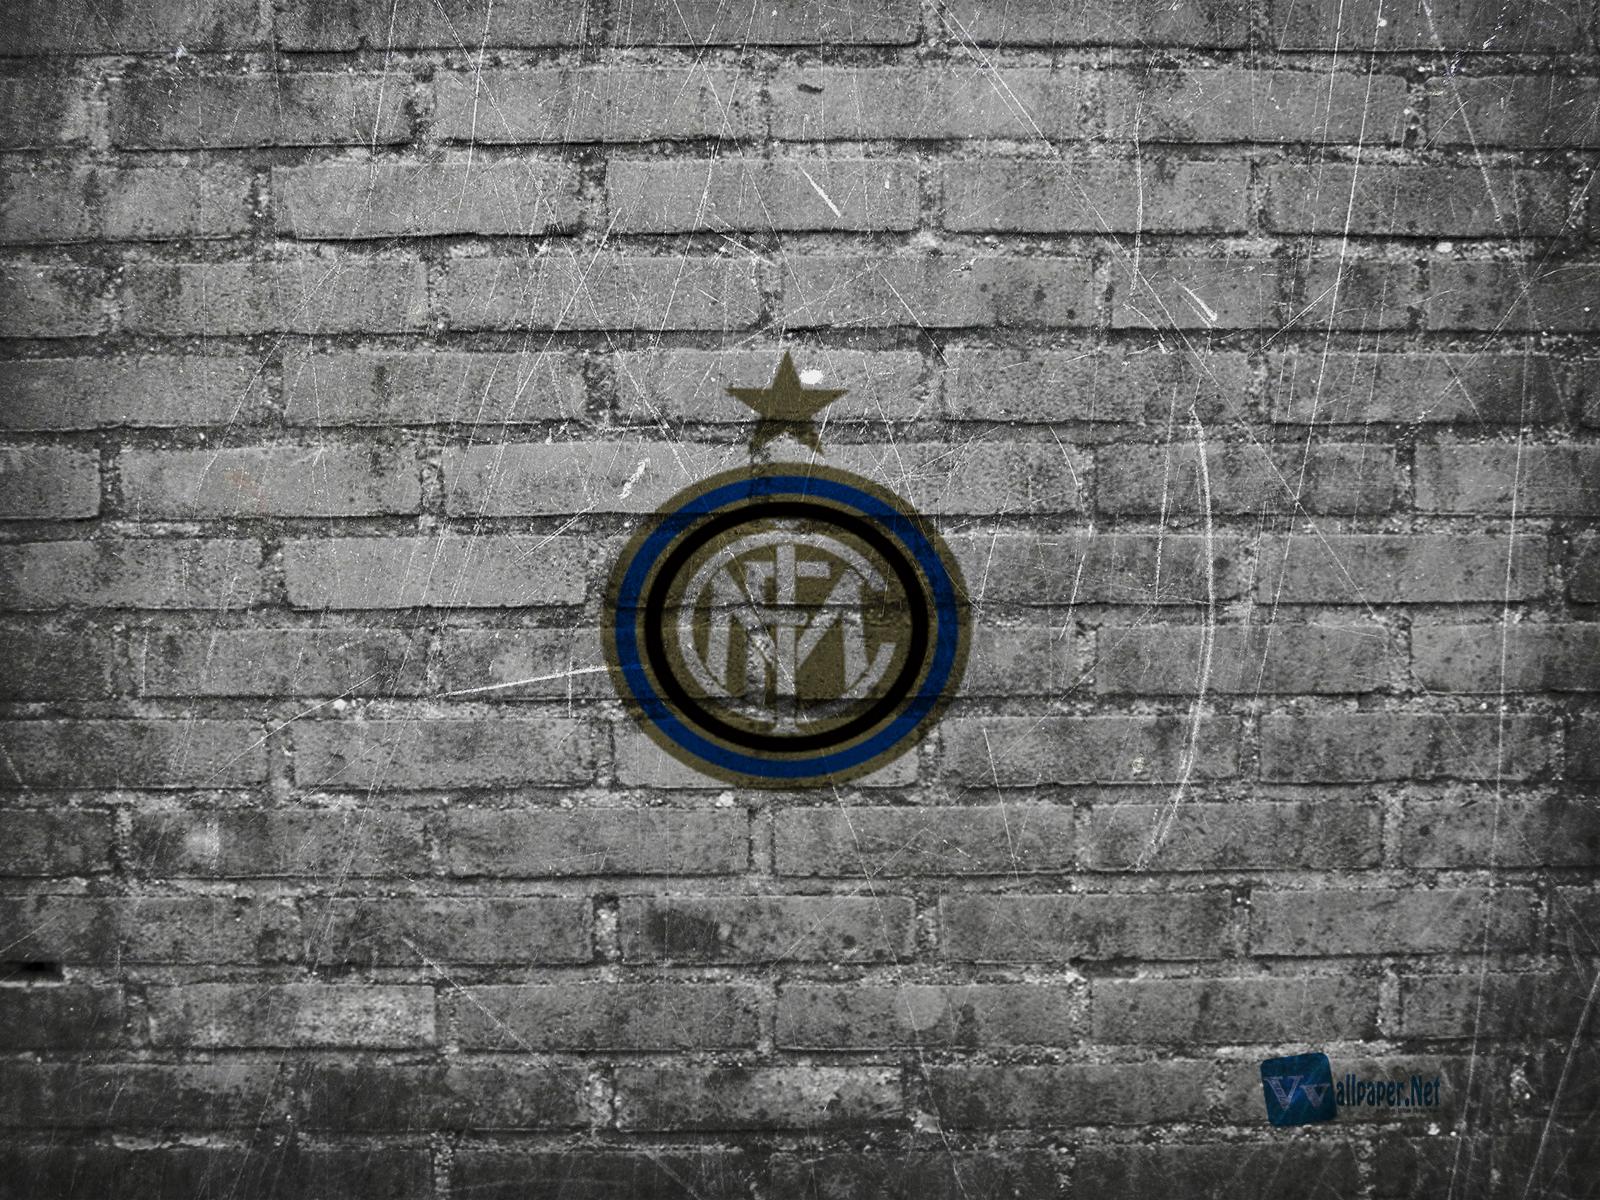 http://3.bp.blogspot.com/-hXu-IdkMU-4/T4MafSlekzI/AAAAAAAABOQ/b4ndfBk3fhw/s1600/FC_Inter_Logo_on_Brick_Wall_HD_Wallpaper-Vvallpaper.Net.jpg